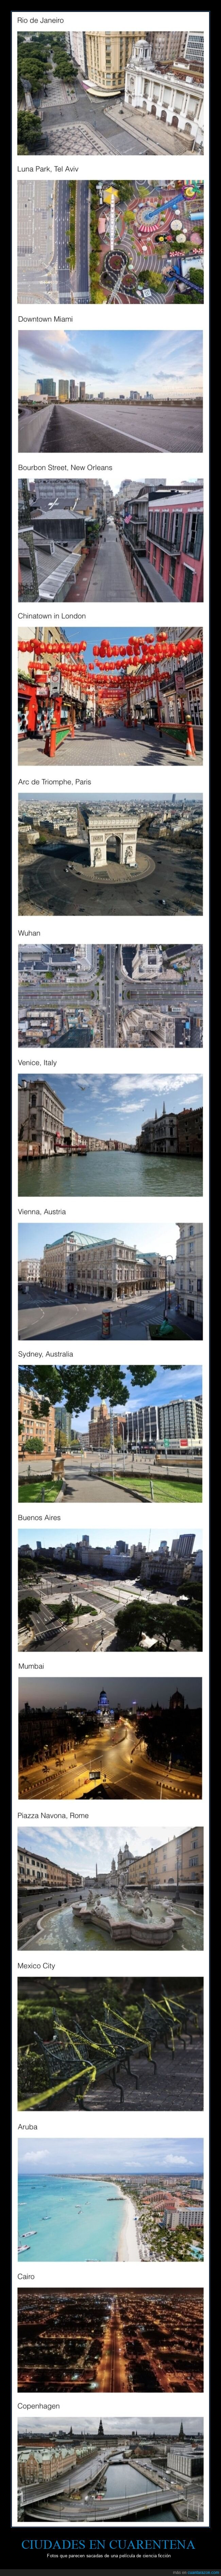 ciudades,coronavirus,cuarentena